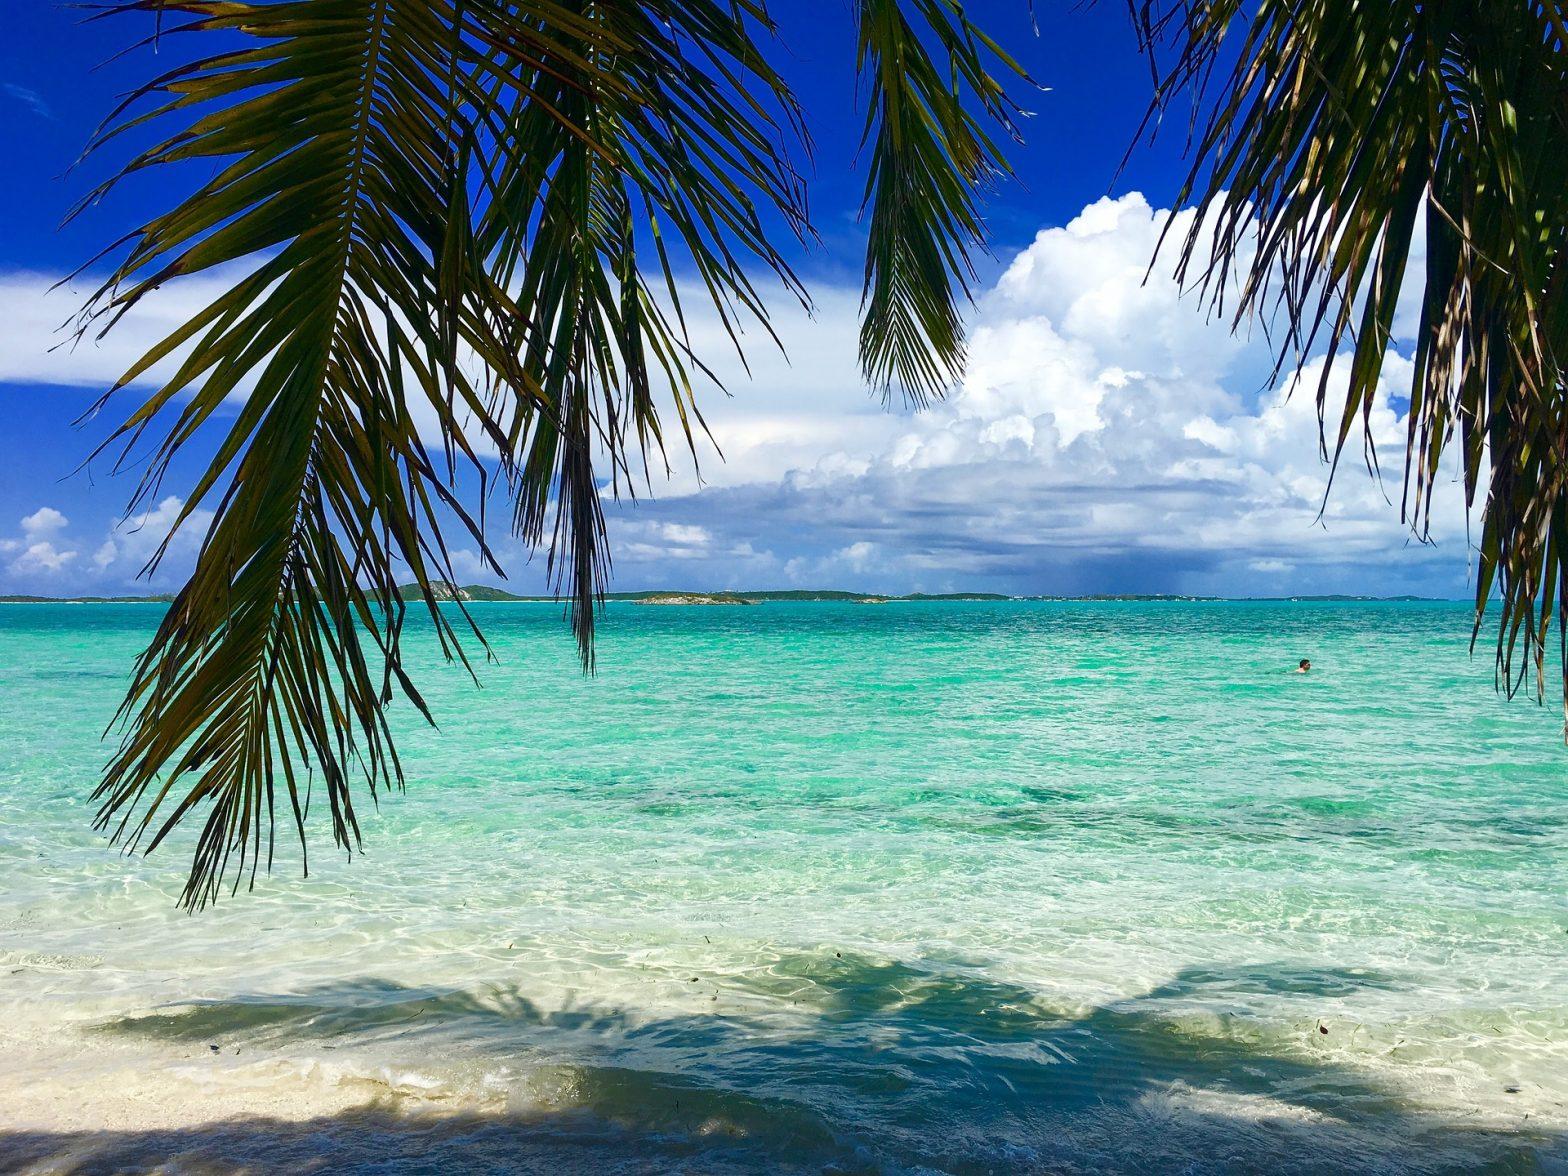 Plage dans les Bahamas